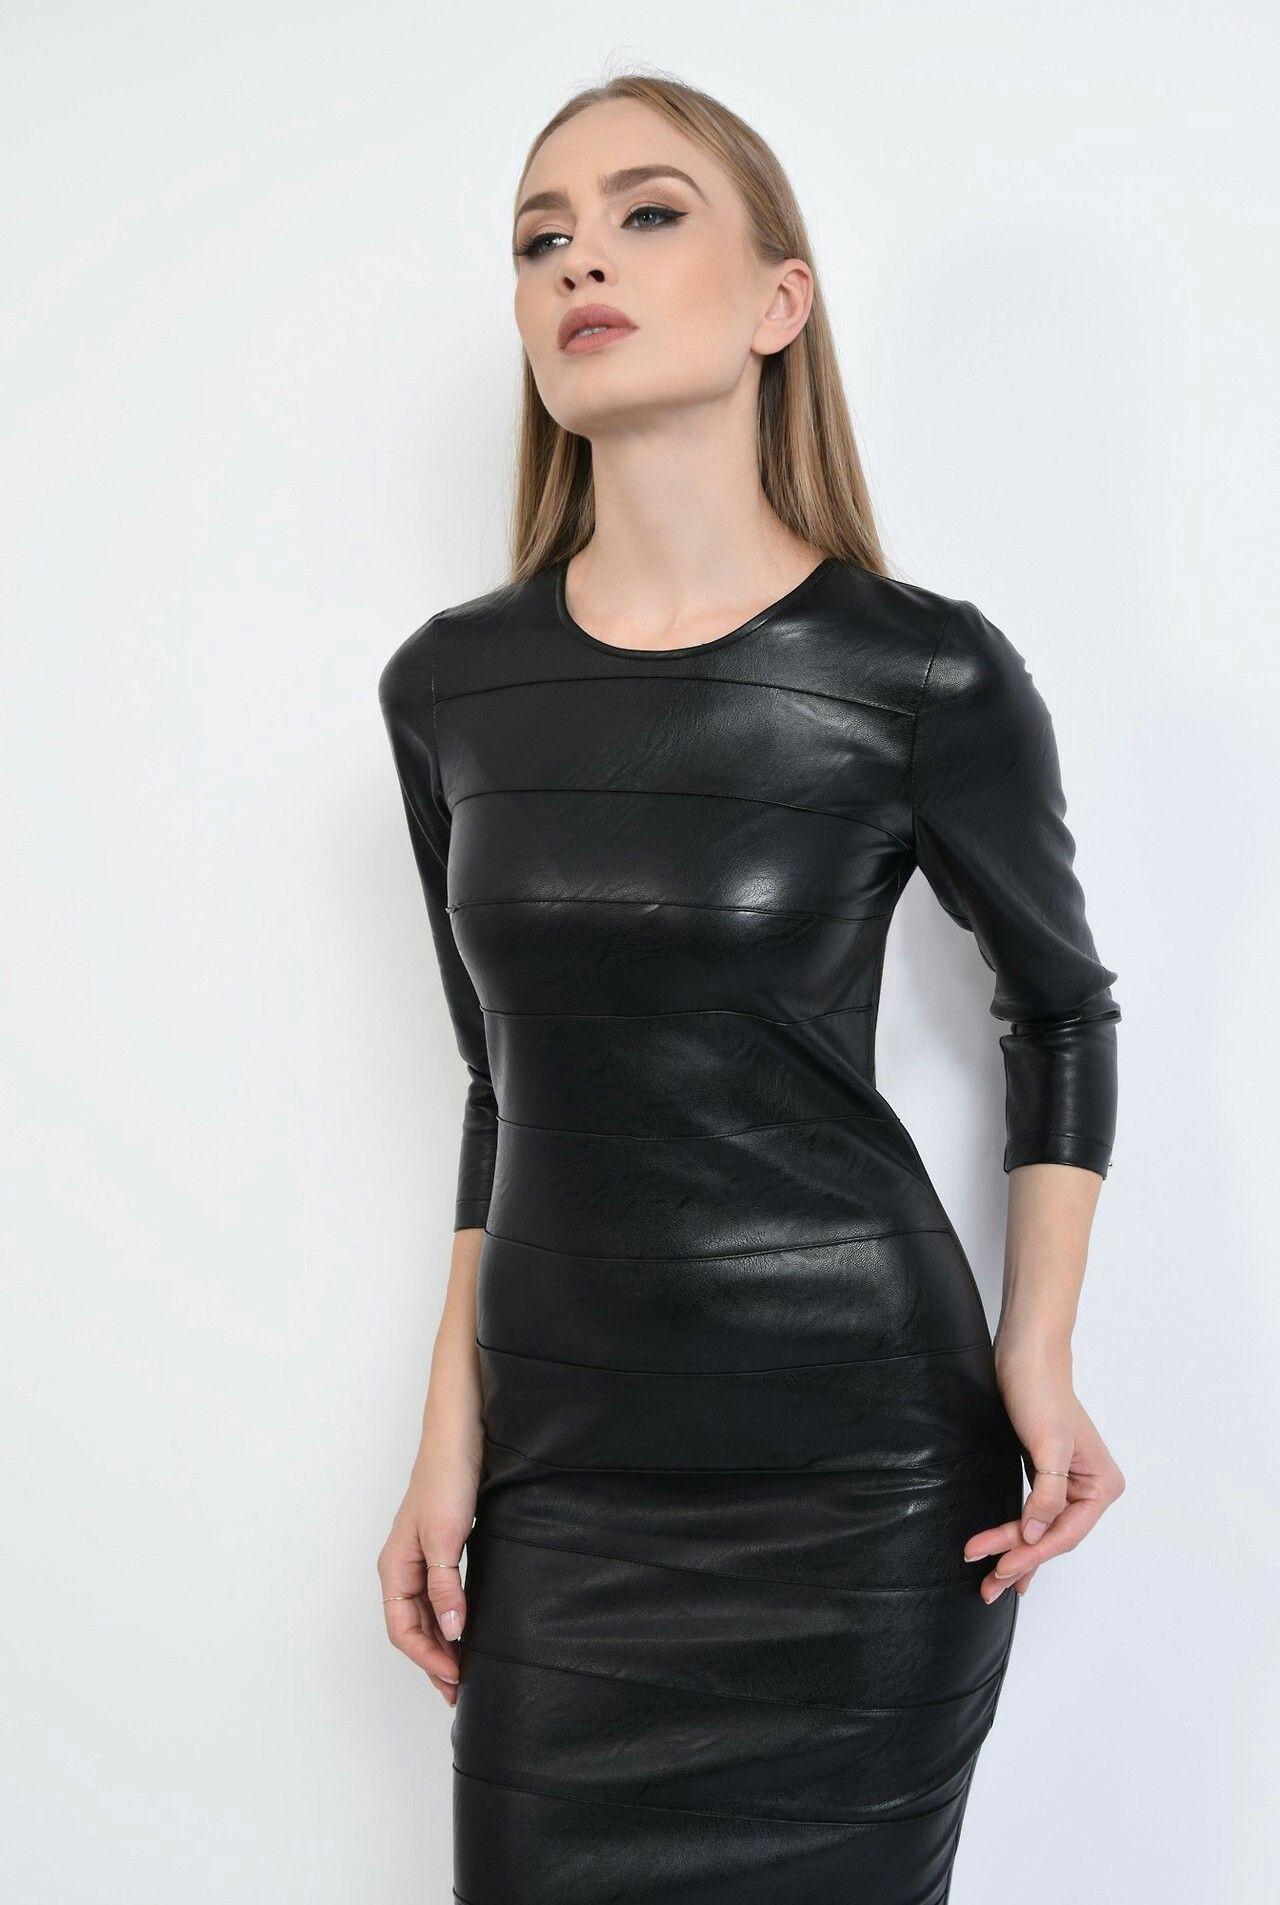 Lack Und Leder, Damen, Kleidung, Enge Kleider, Mädchenkleider, Sexy Kleider, bc96b02e9d